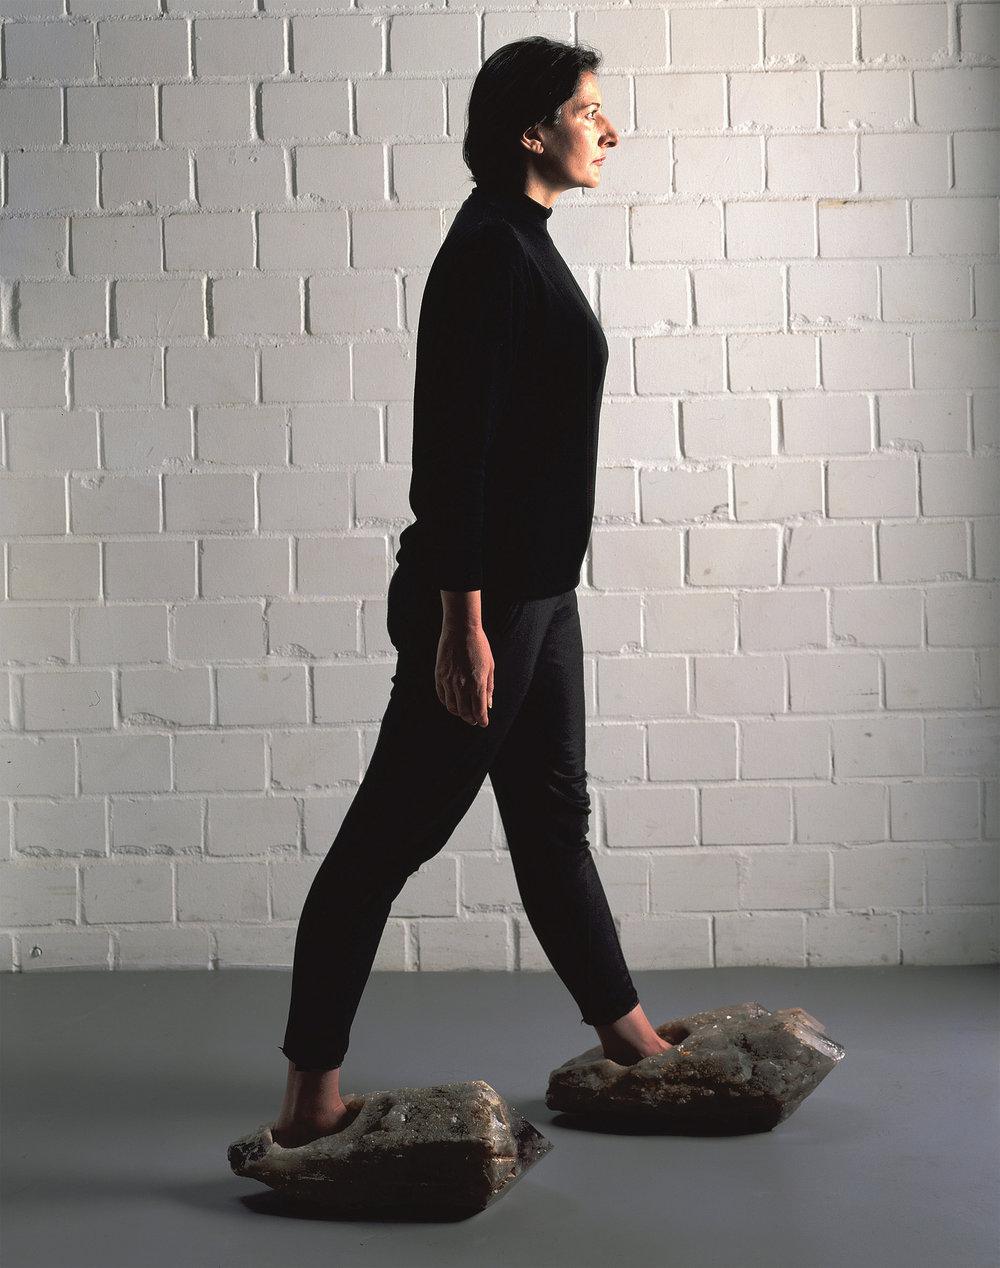 """Foto de Heini Schneebeli feita no estúdio da artista em Berlim com ela própria sendo modelo na obra """"Shoes for departure"""", 1991, ametista / Cortesia do acervo de Marina Abramovic"""